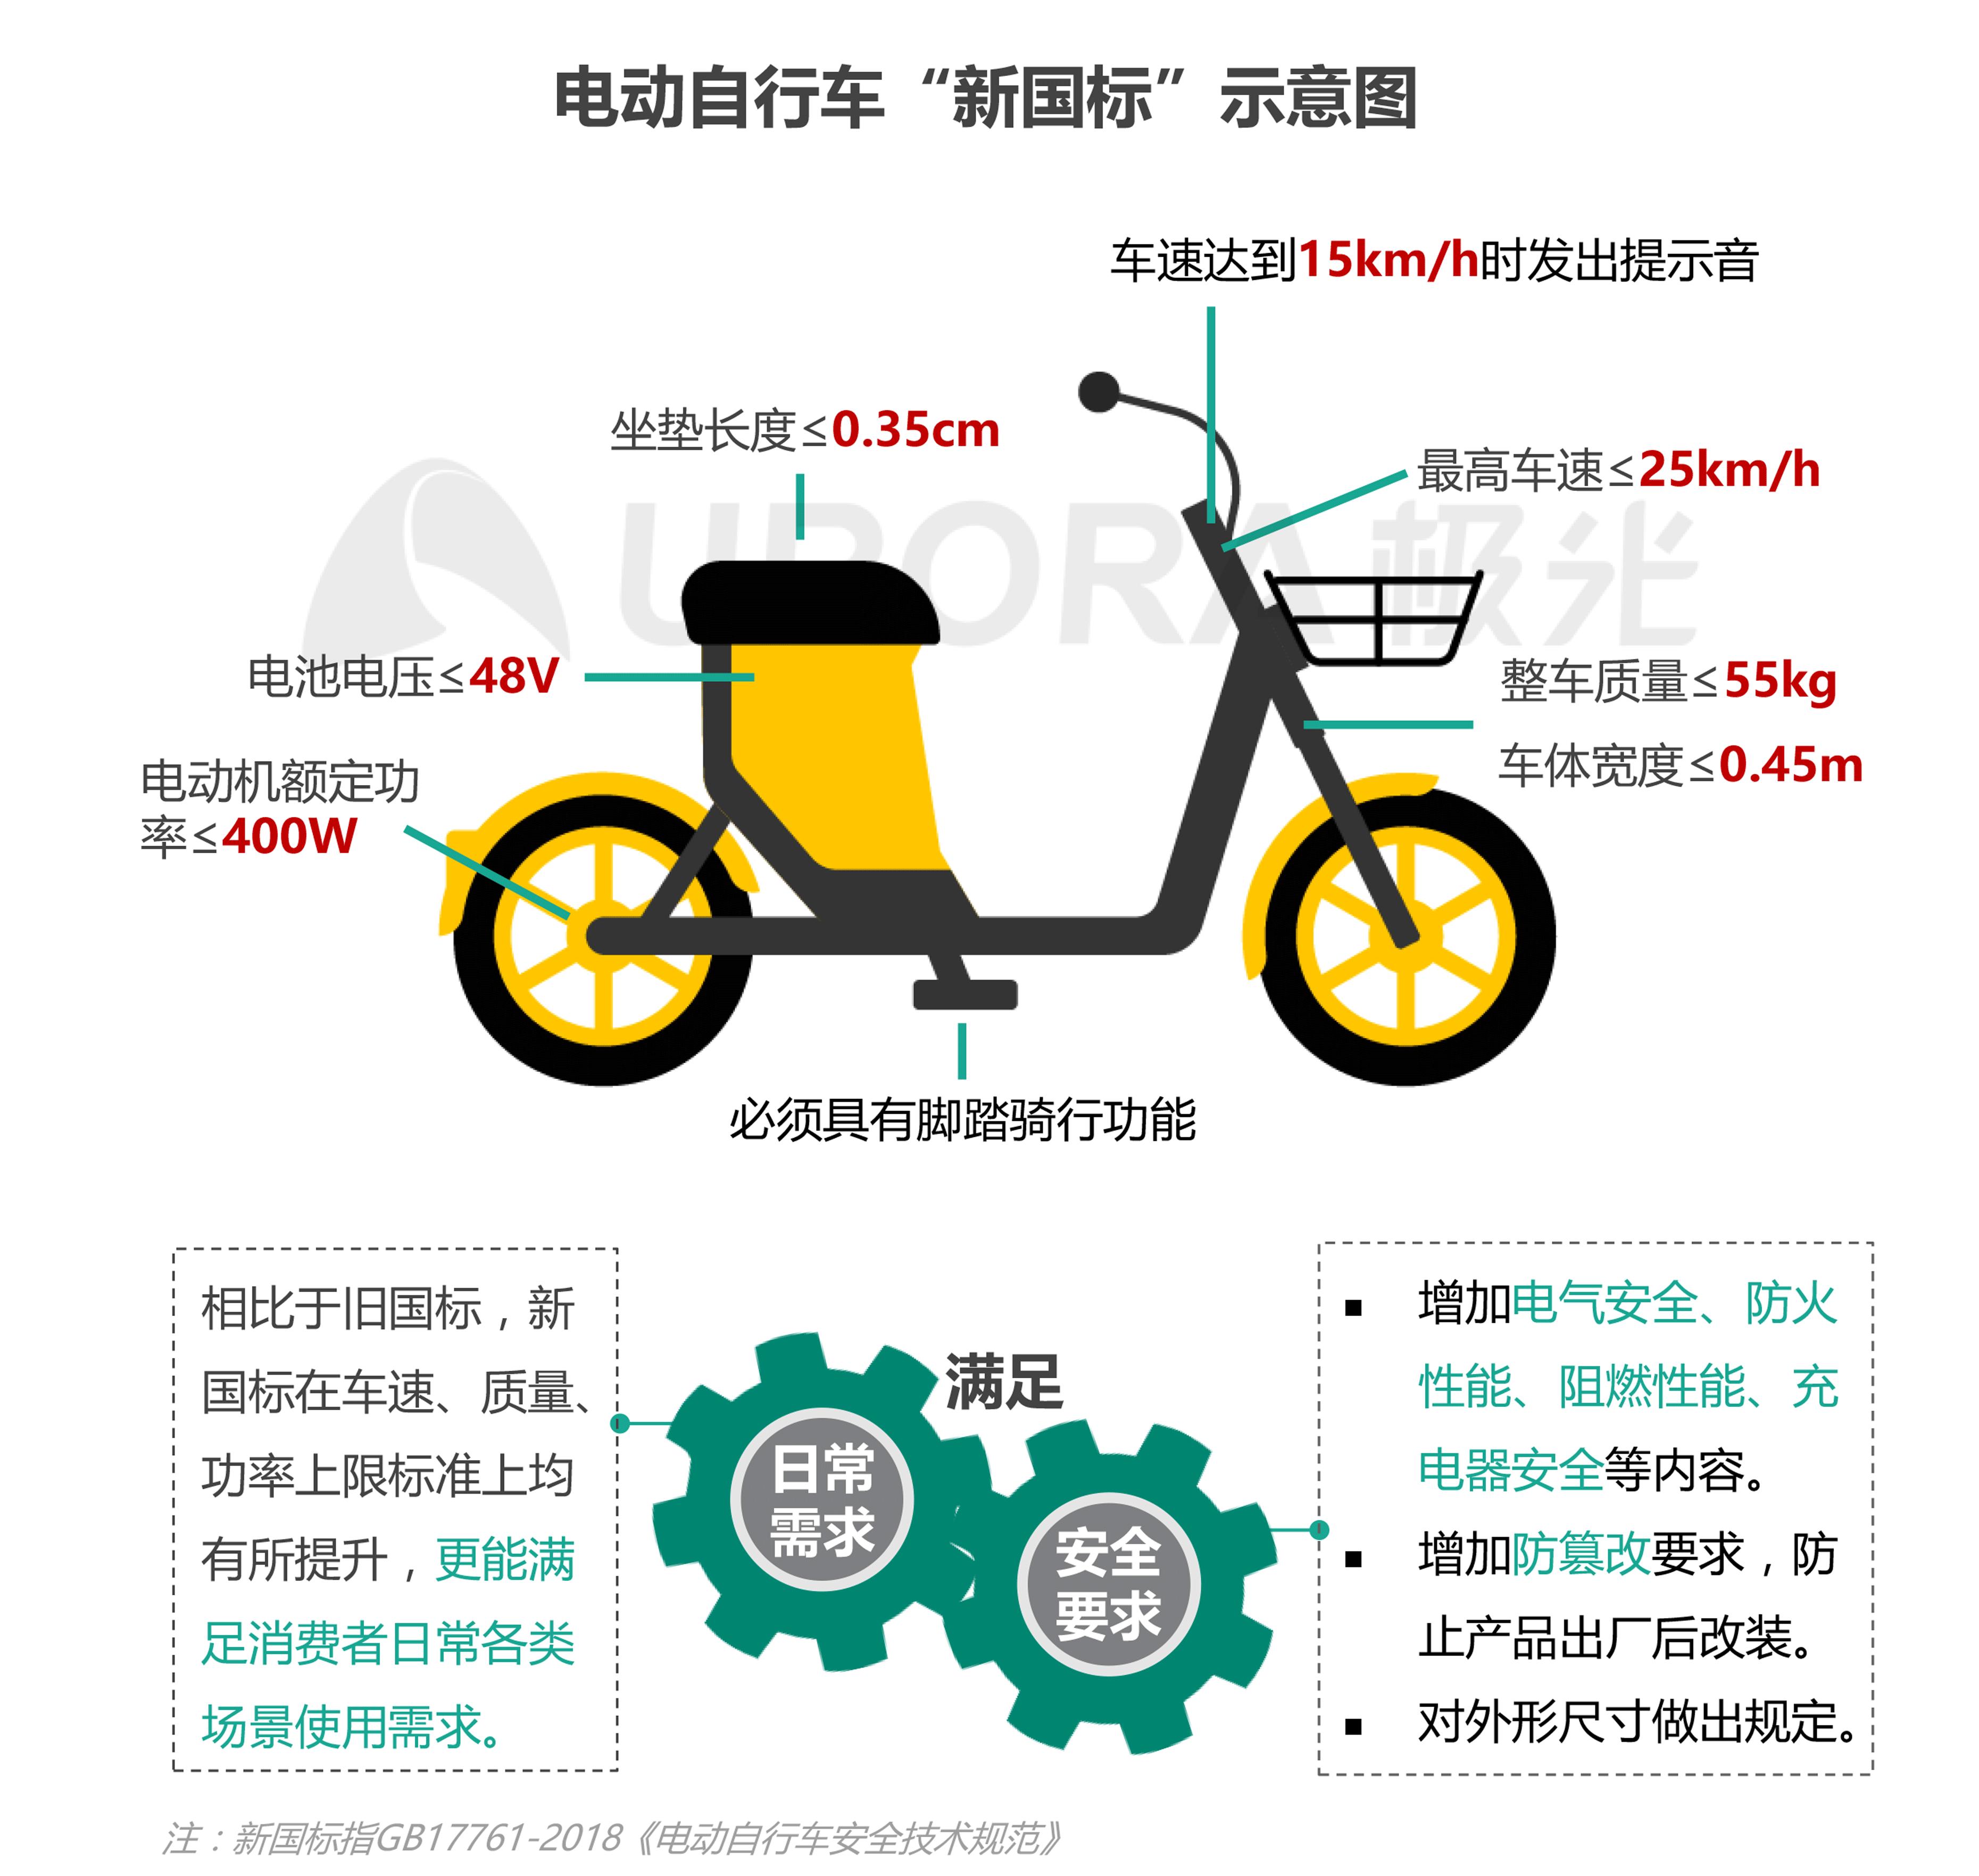 JIGUANG-共享电单车社会价值研究报告_0528(终版)-9.png